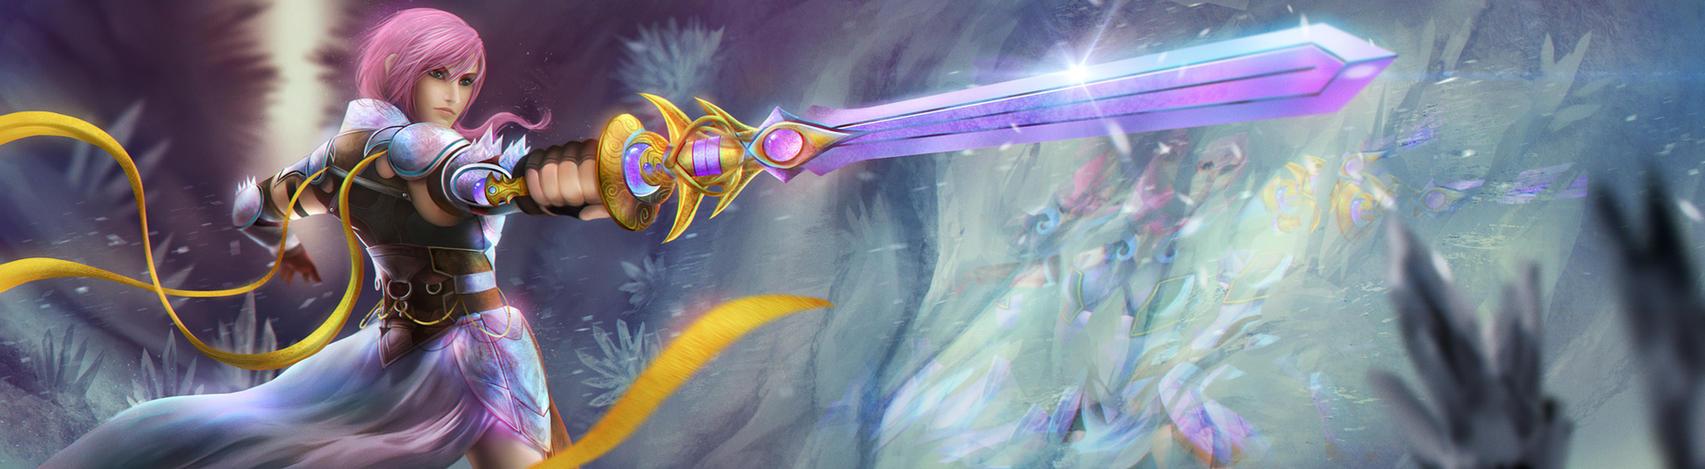 Crystallised Armour by EternaLegend